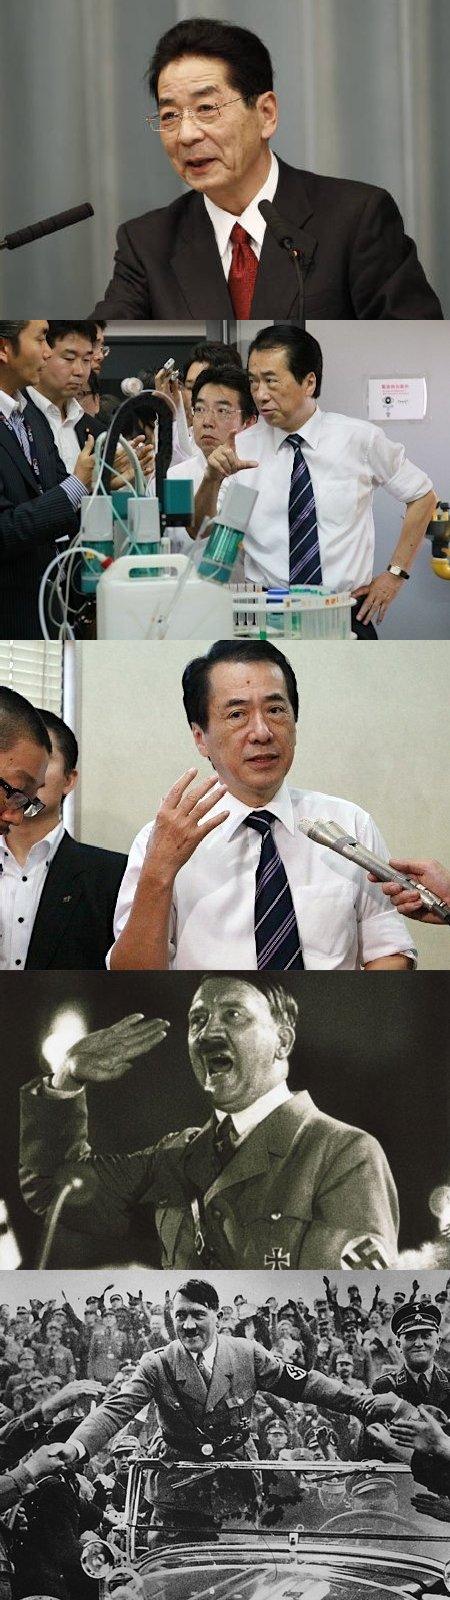 ゲッペルスと星浩と与良正男_z